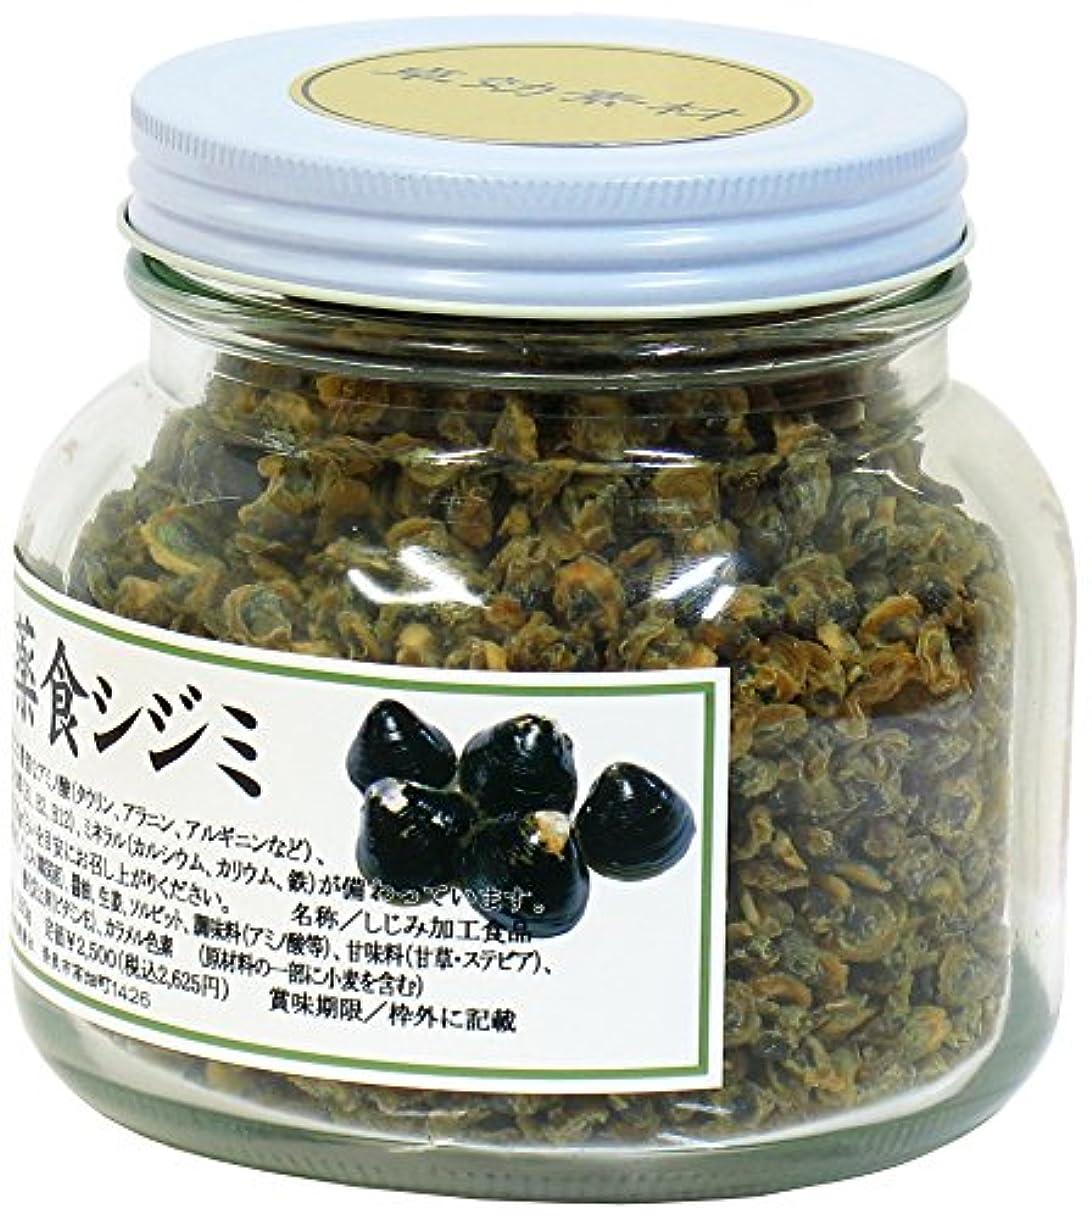 混乱したしてはいけない印をつける薬食シジミ260g 乾燥 オルニチン タウリン